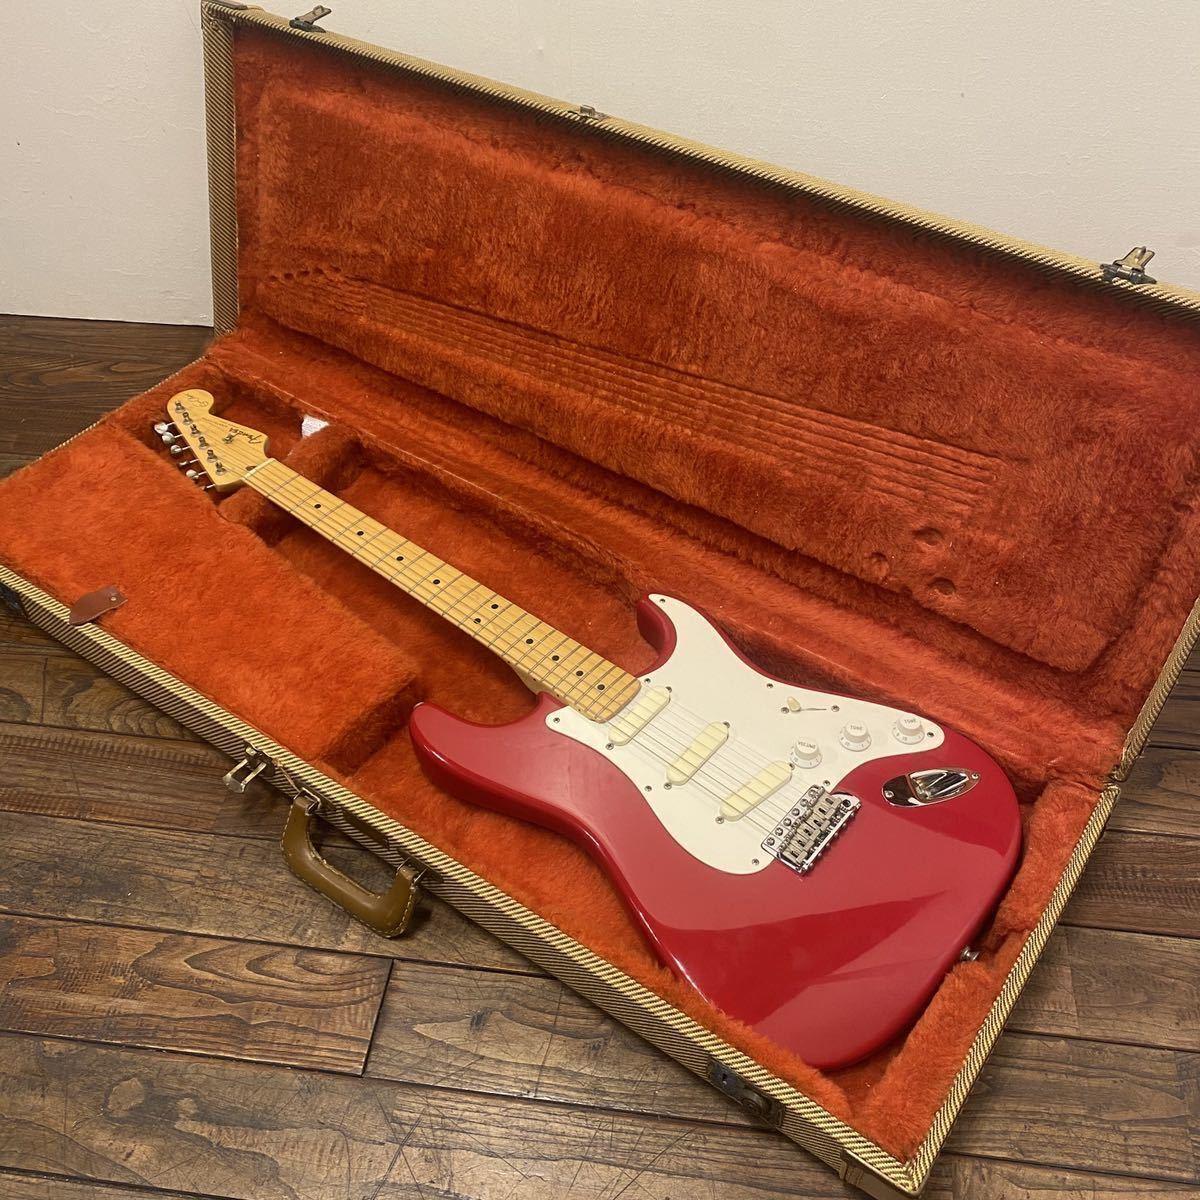 【1988年製】Fender Eric Clapton Stratocaster Torino Red フェンダー エリッククラプト